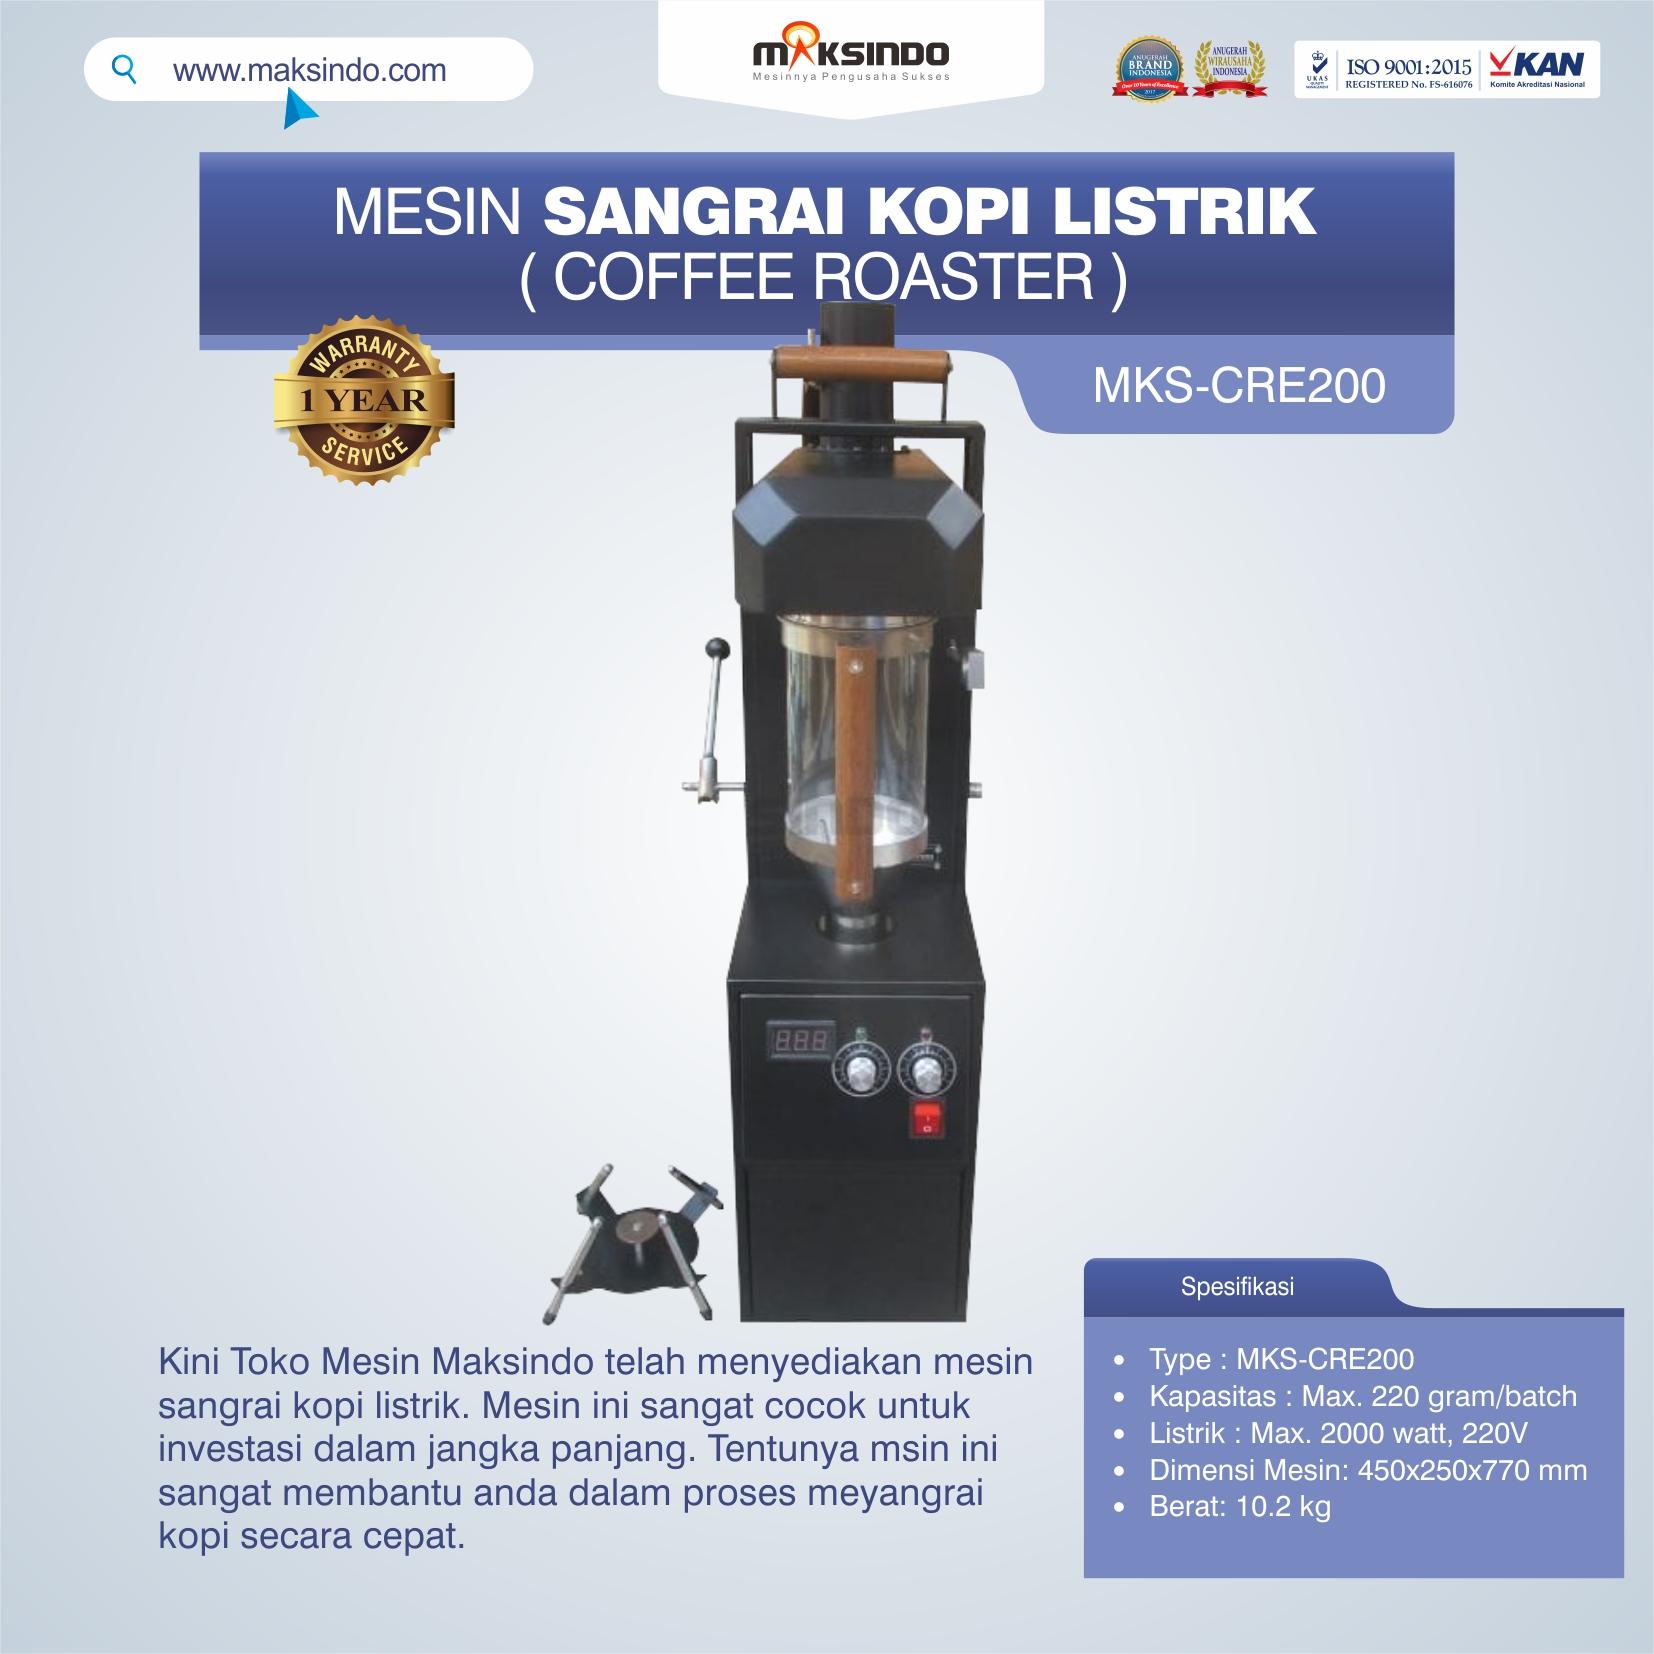 Jual Mesin Sangrai Kopi Listrik (Coffee Roaster) MKS-CRE200 di Tangerang